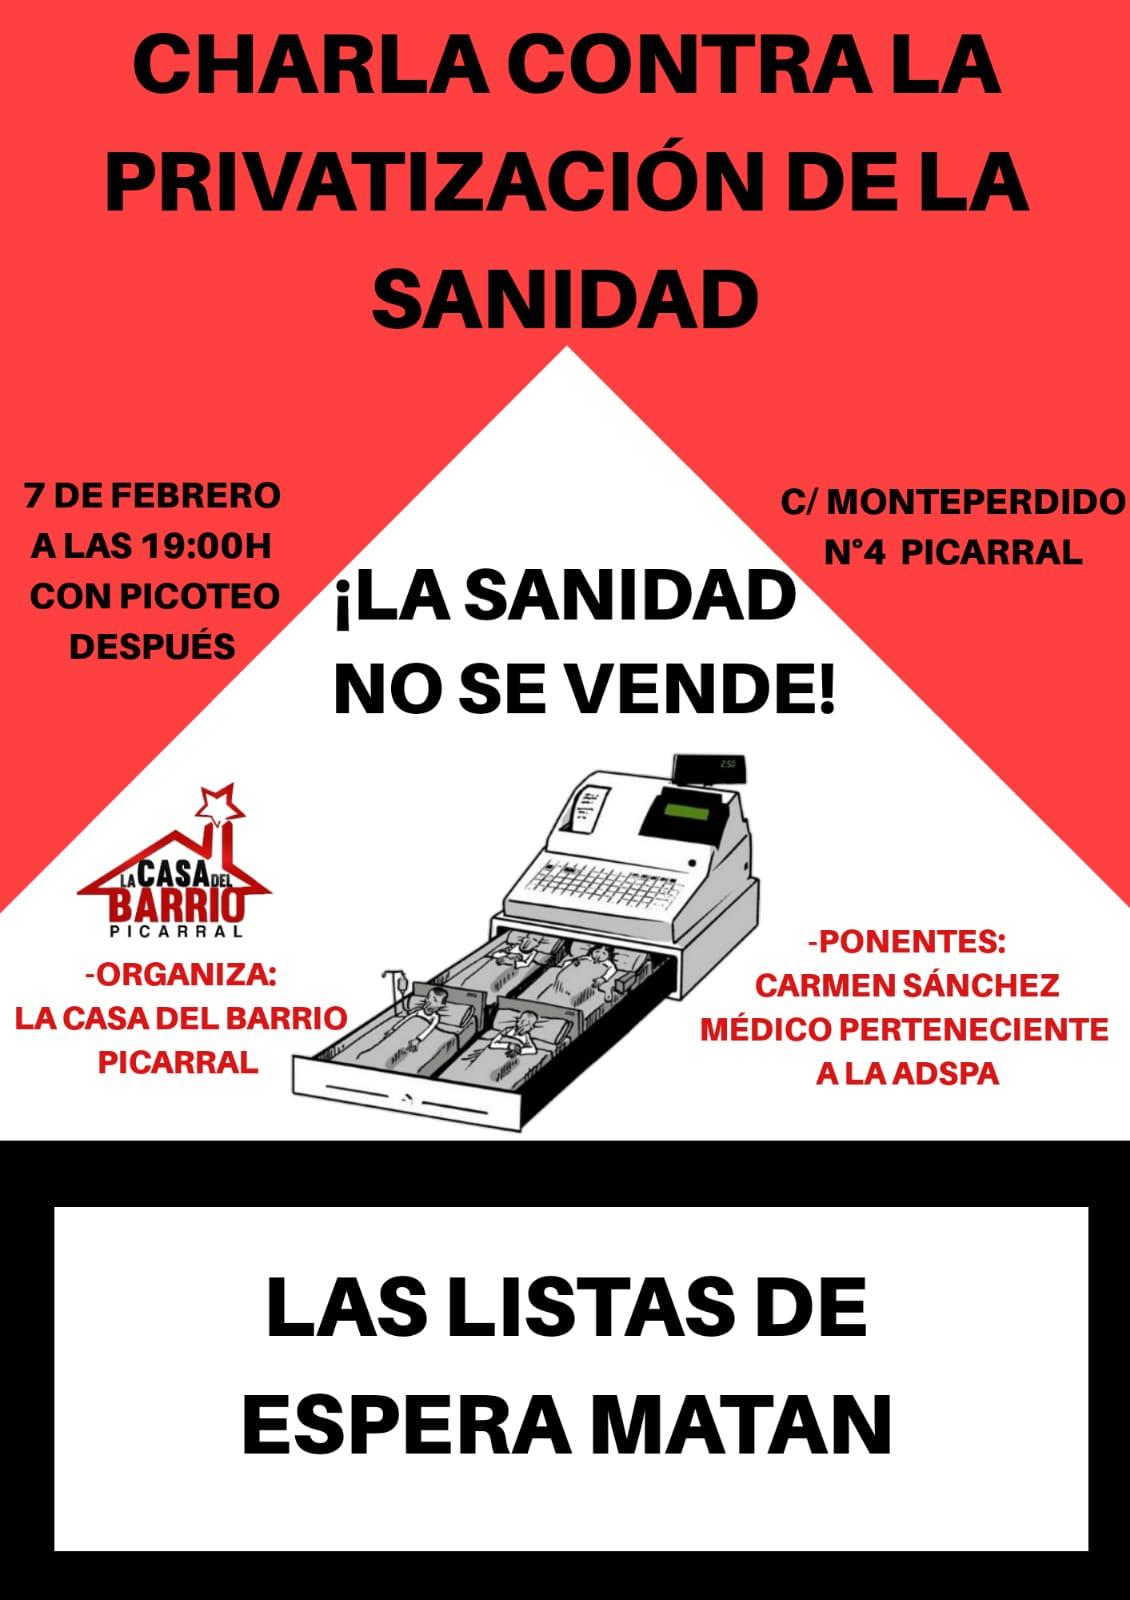 Casa del Barrio Picarral. Charla contra la privatización de la sanidad. ¡¡Las lista de esperan matan!! Viernes 07 de Febrero.